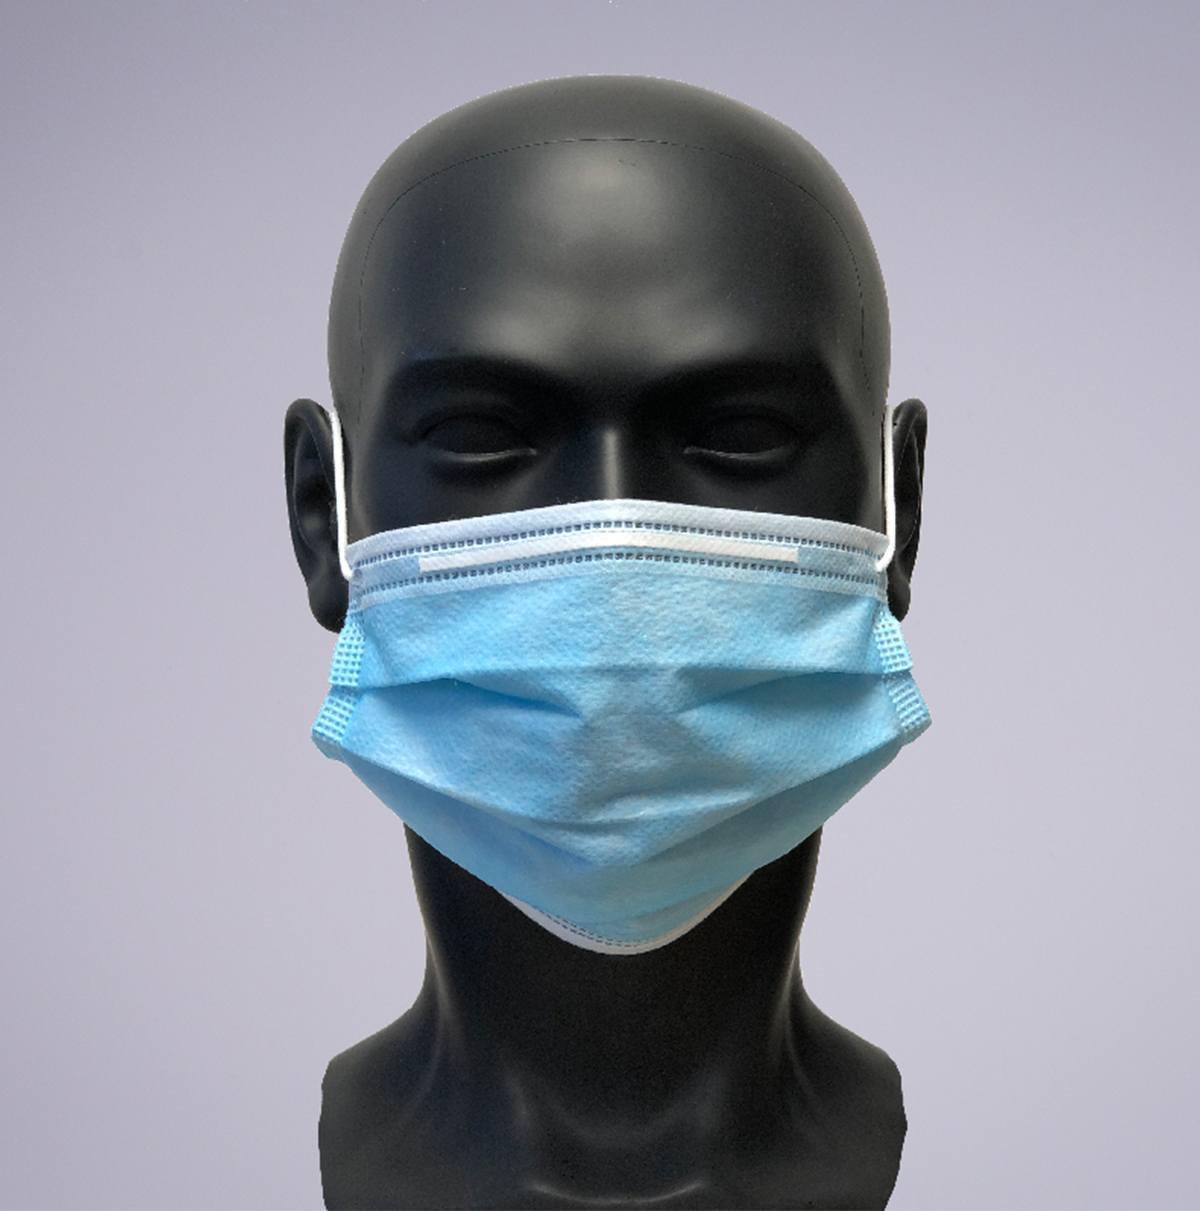 Mundschutz Maske kaufen: direkt online bestellen!